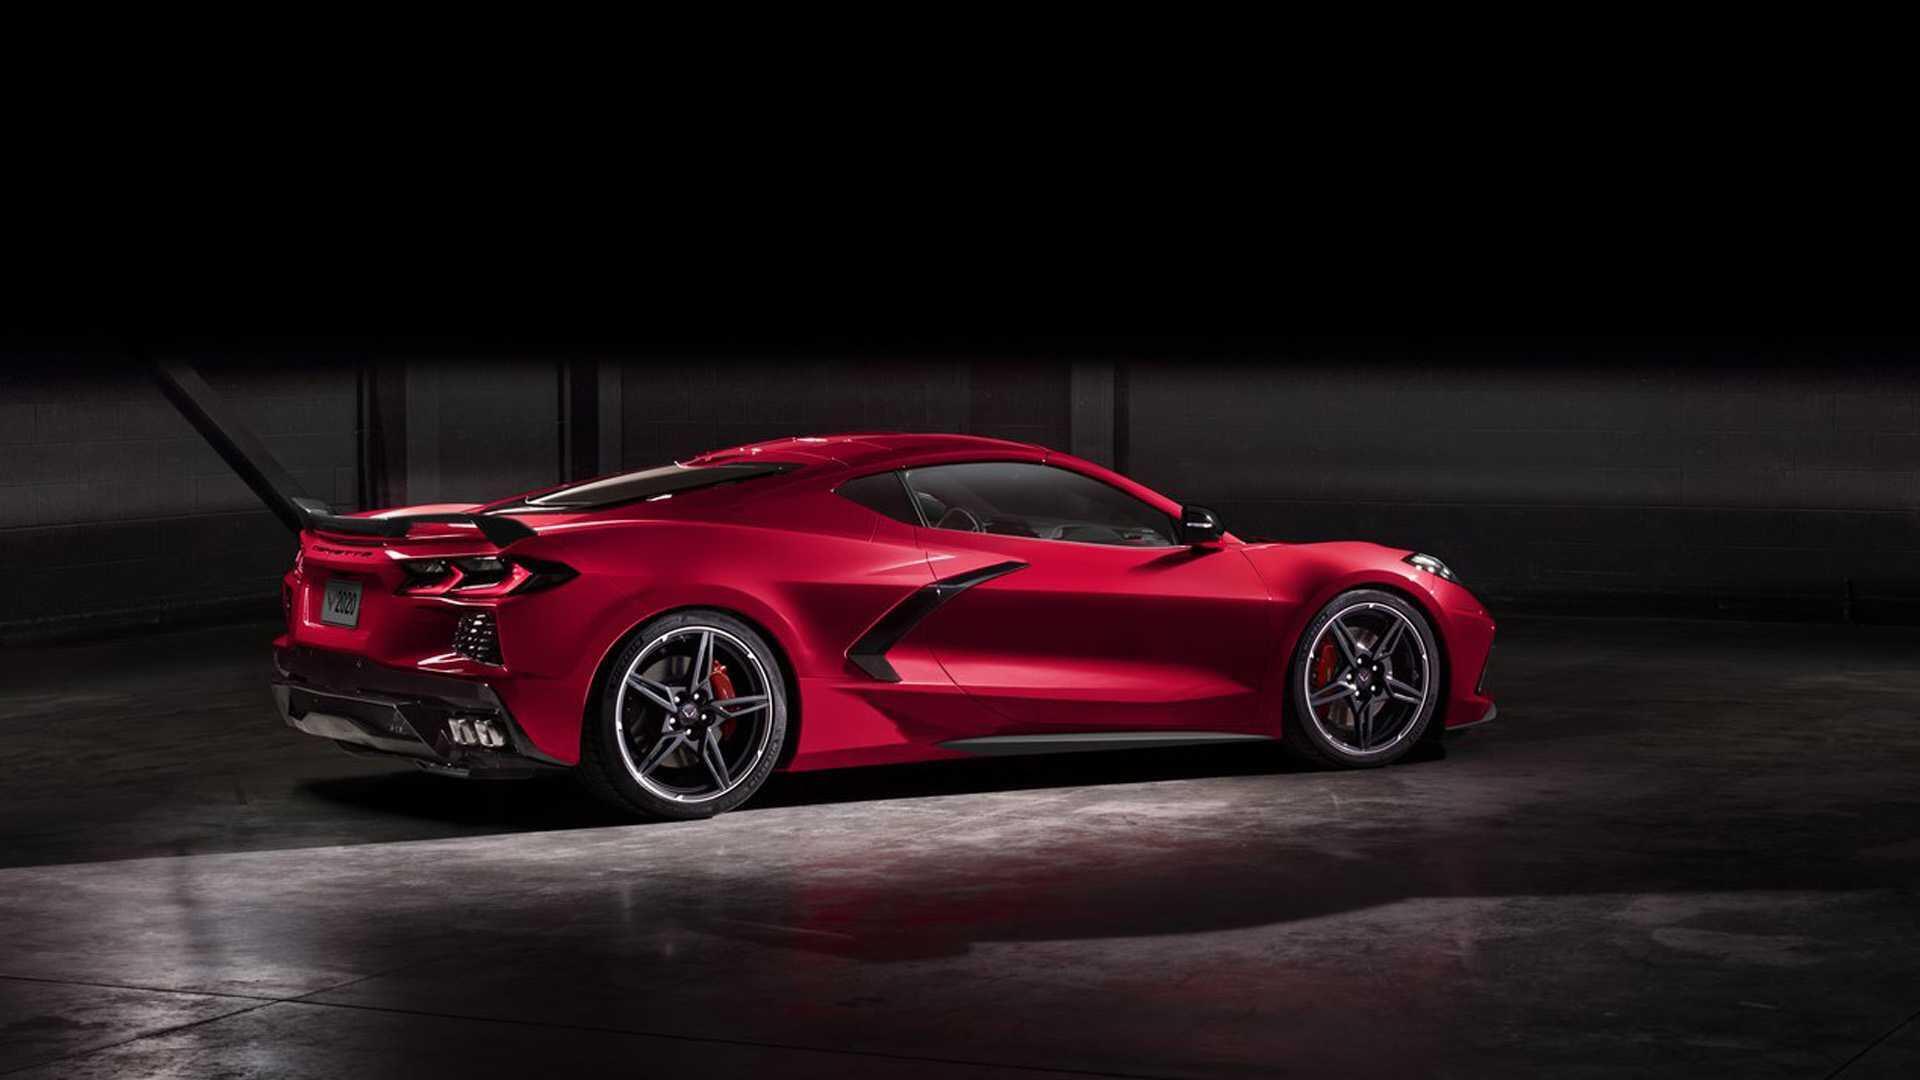 https://cdn.dailyxe.com.vn/image/chevrolet-corvette-2020-co-mot-so-tinh-nang-an-tuyet-voi-43-94553j2.jpg